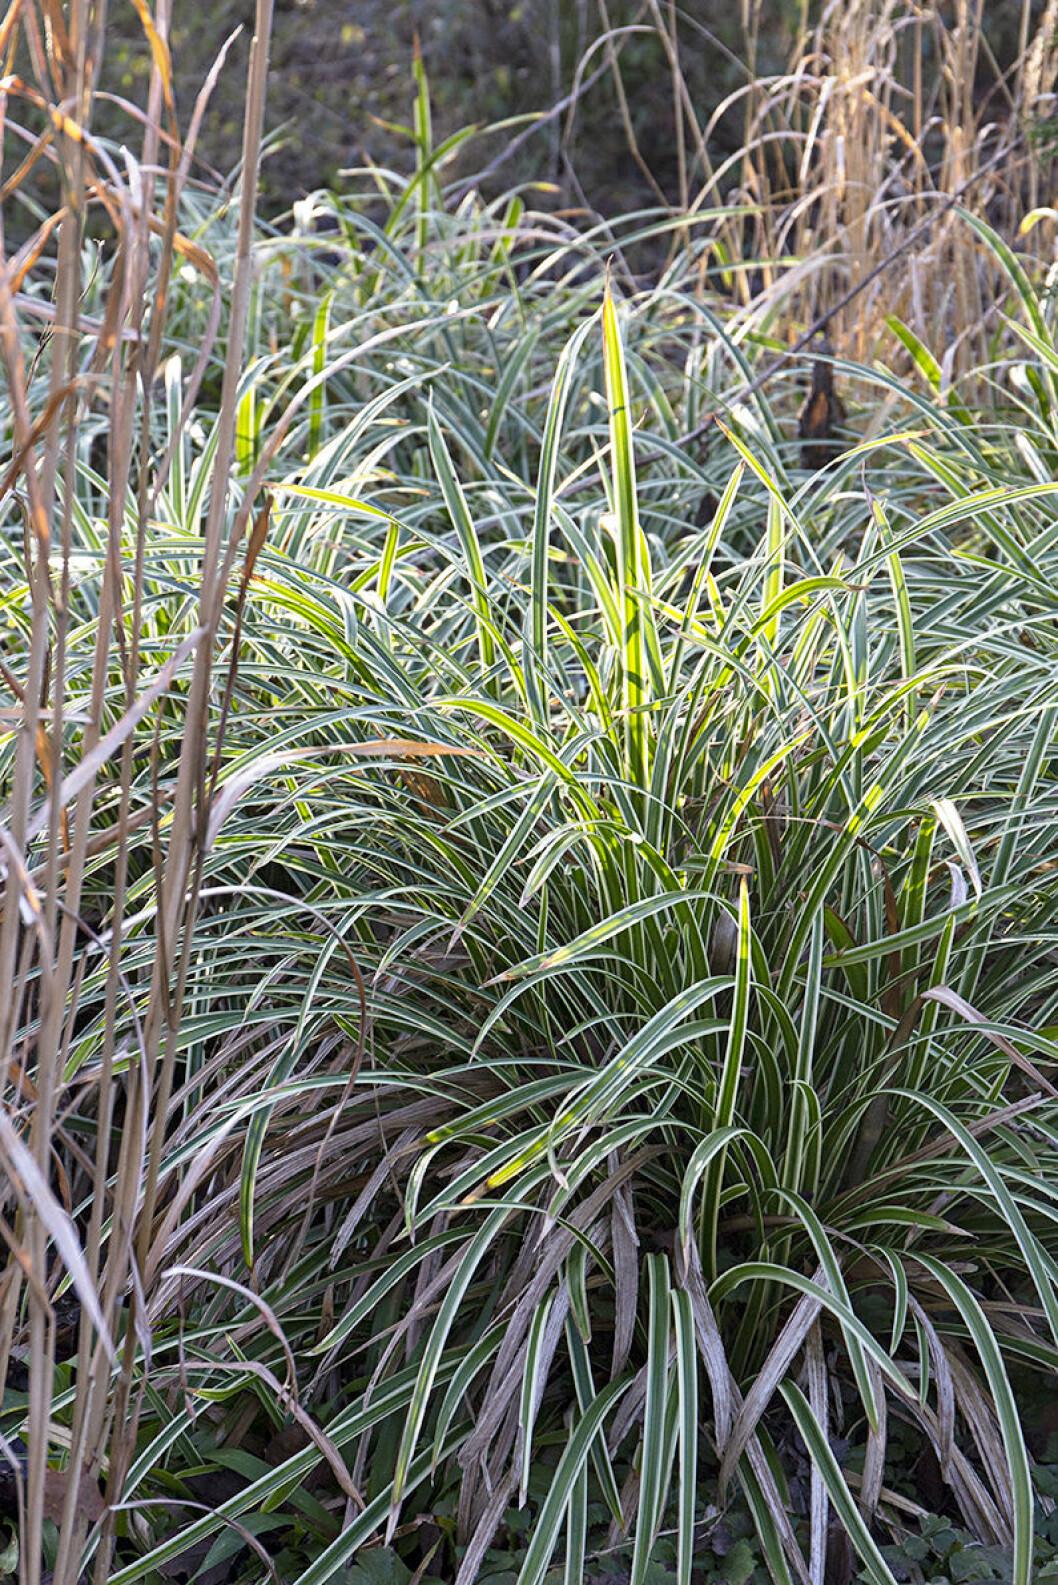 Japansk starr, Carex morrowii, 'Ice Dance', har styva åretrunt-gröna blad med vita kanter. Gräset blir 30 cm högt och är en fin marktäckare. Trivs bäst i hel- eller halvskugga.